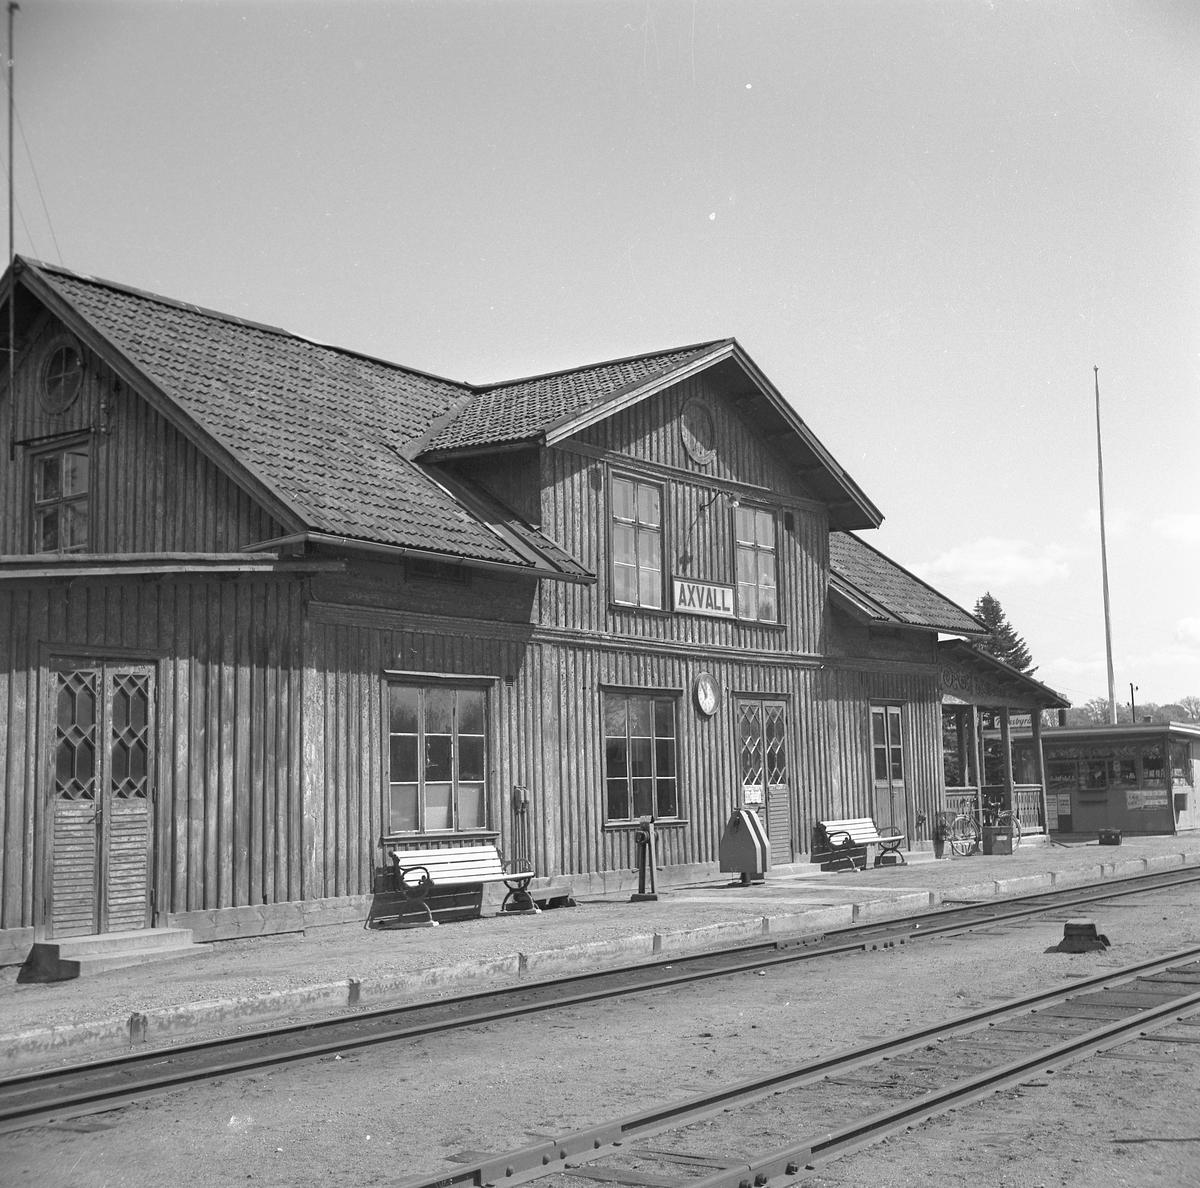 LSSJ , Lidköping - Skara - Stenstorps Järnväg Stationen anlades 1875. En- och en halv vånings stationshus i trä. Ofullständig växelförregling